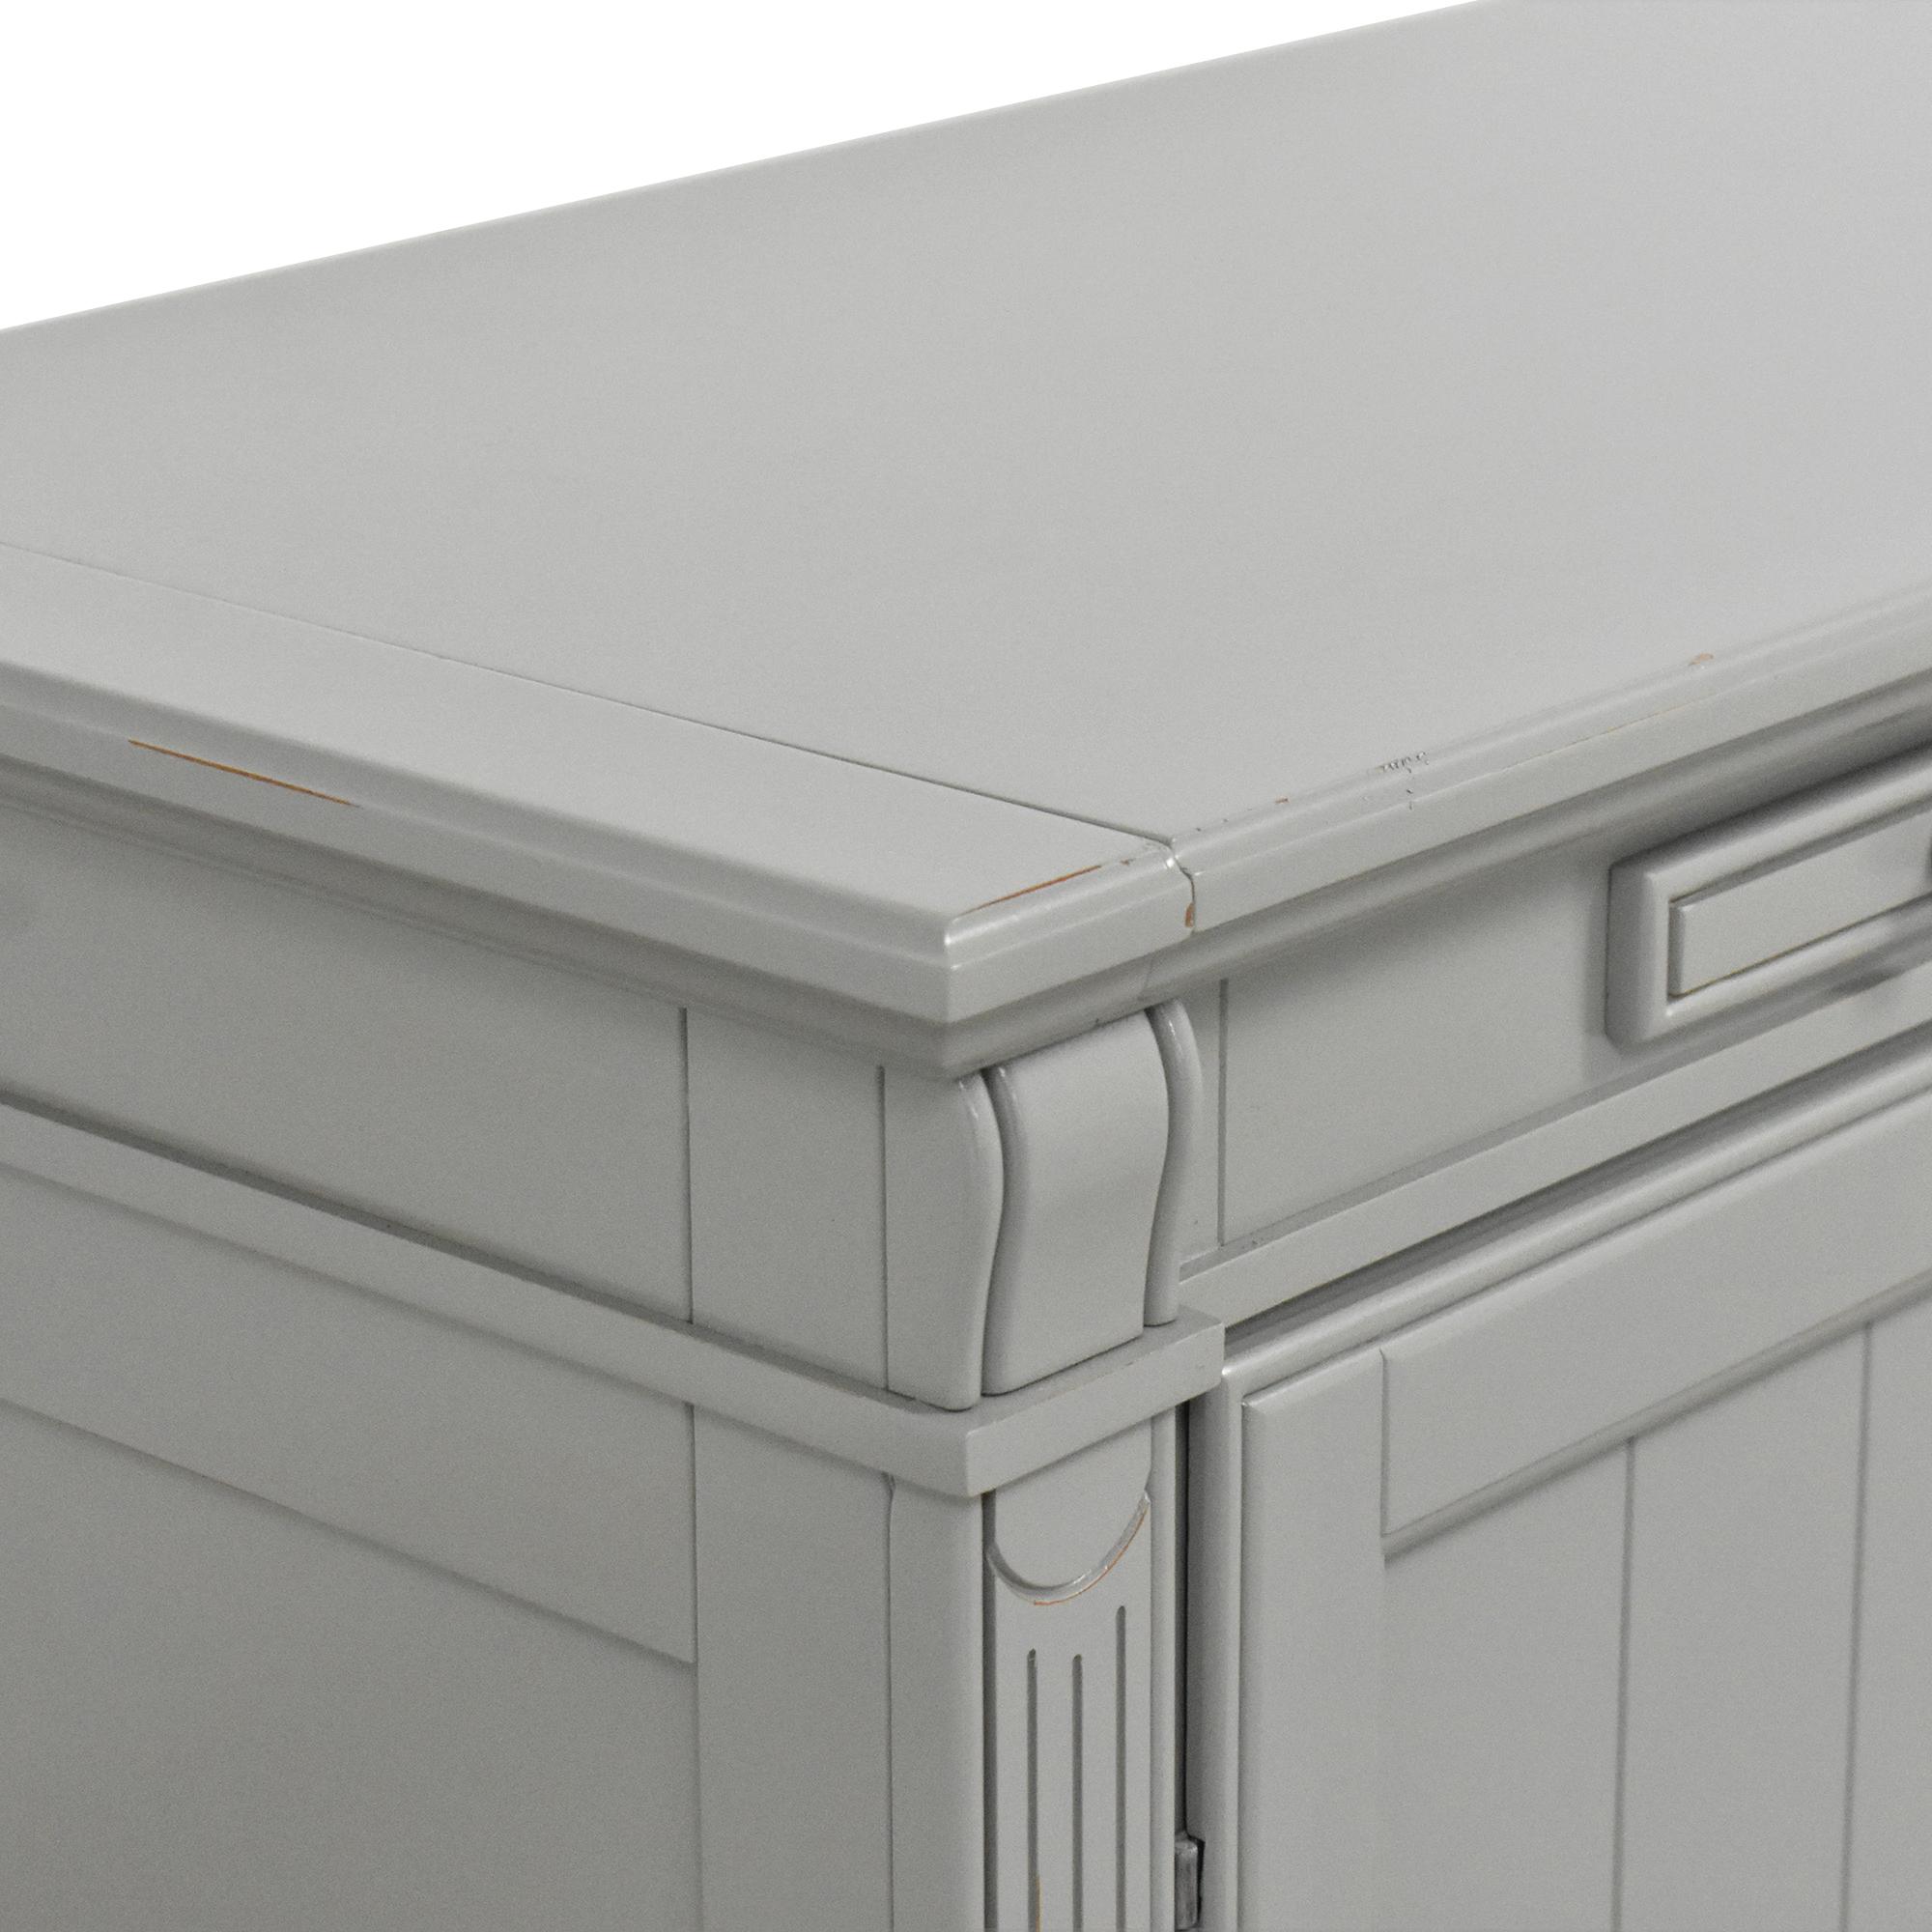 Arhaus Arhaus Athens Modular Two Door Cabinet